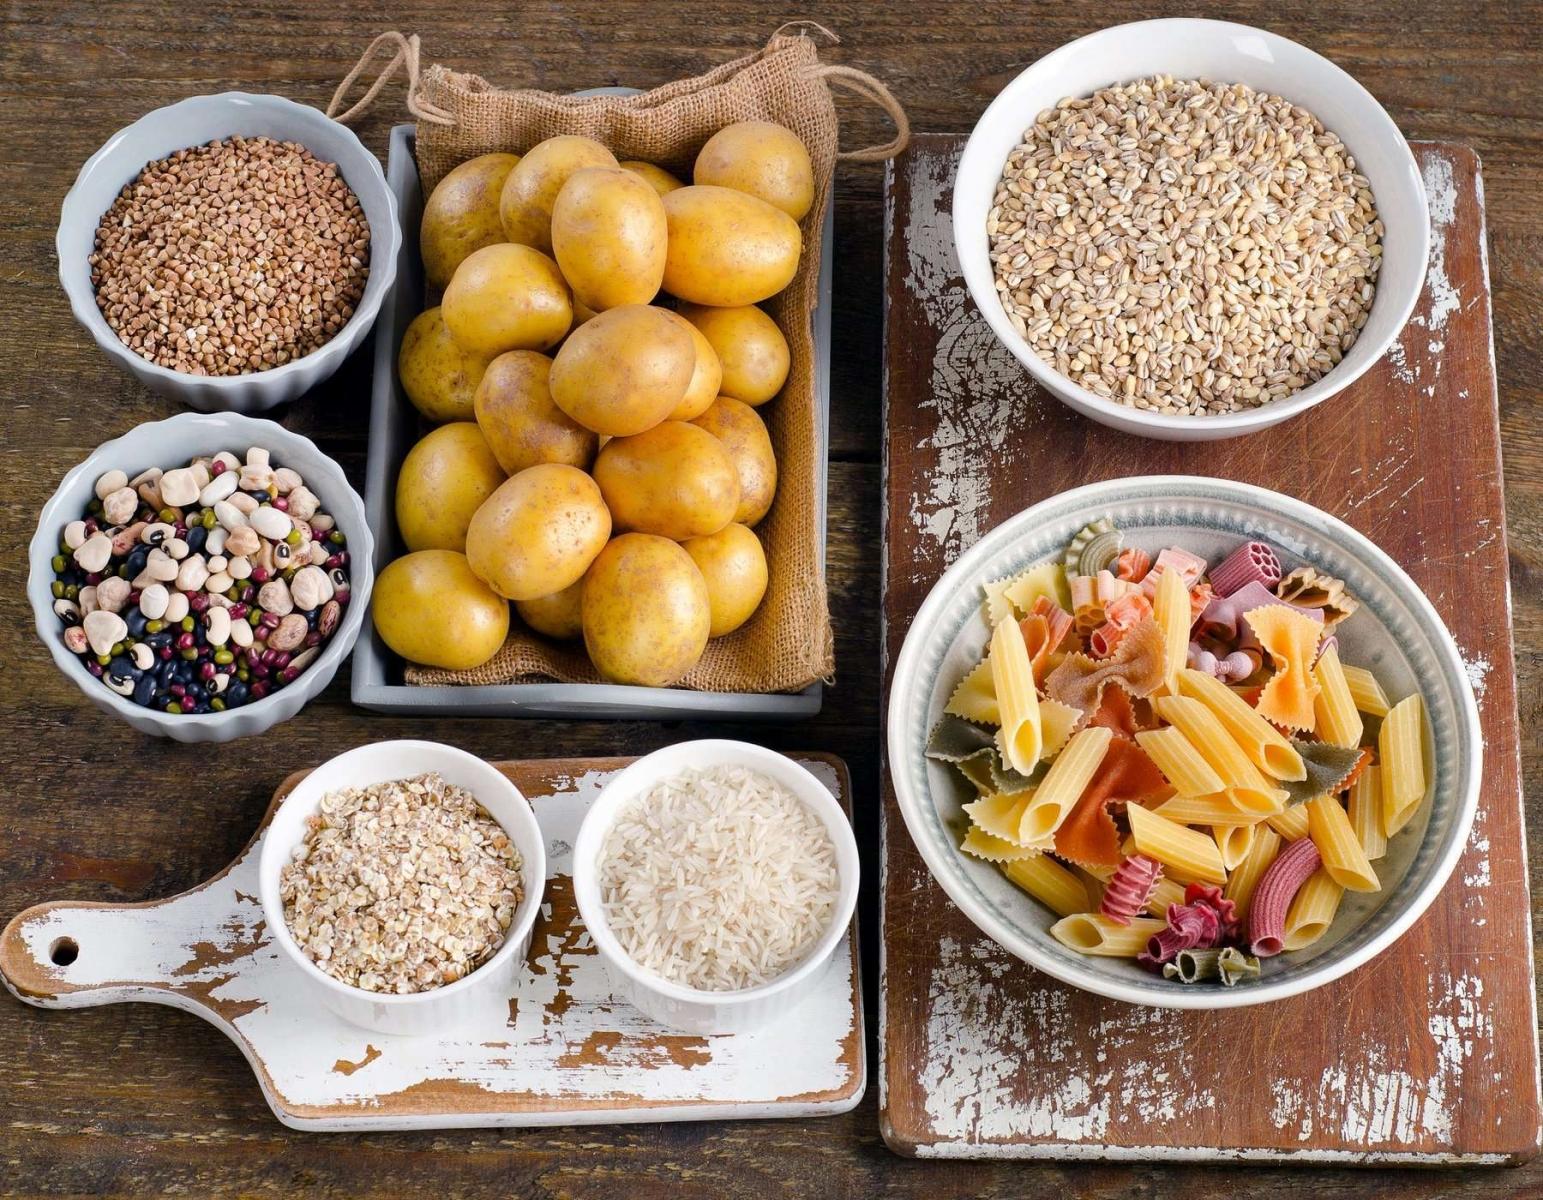 Hạn chế tinh bột trong thực đơn giảm cân khoa học